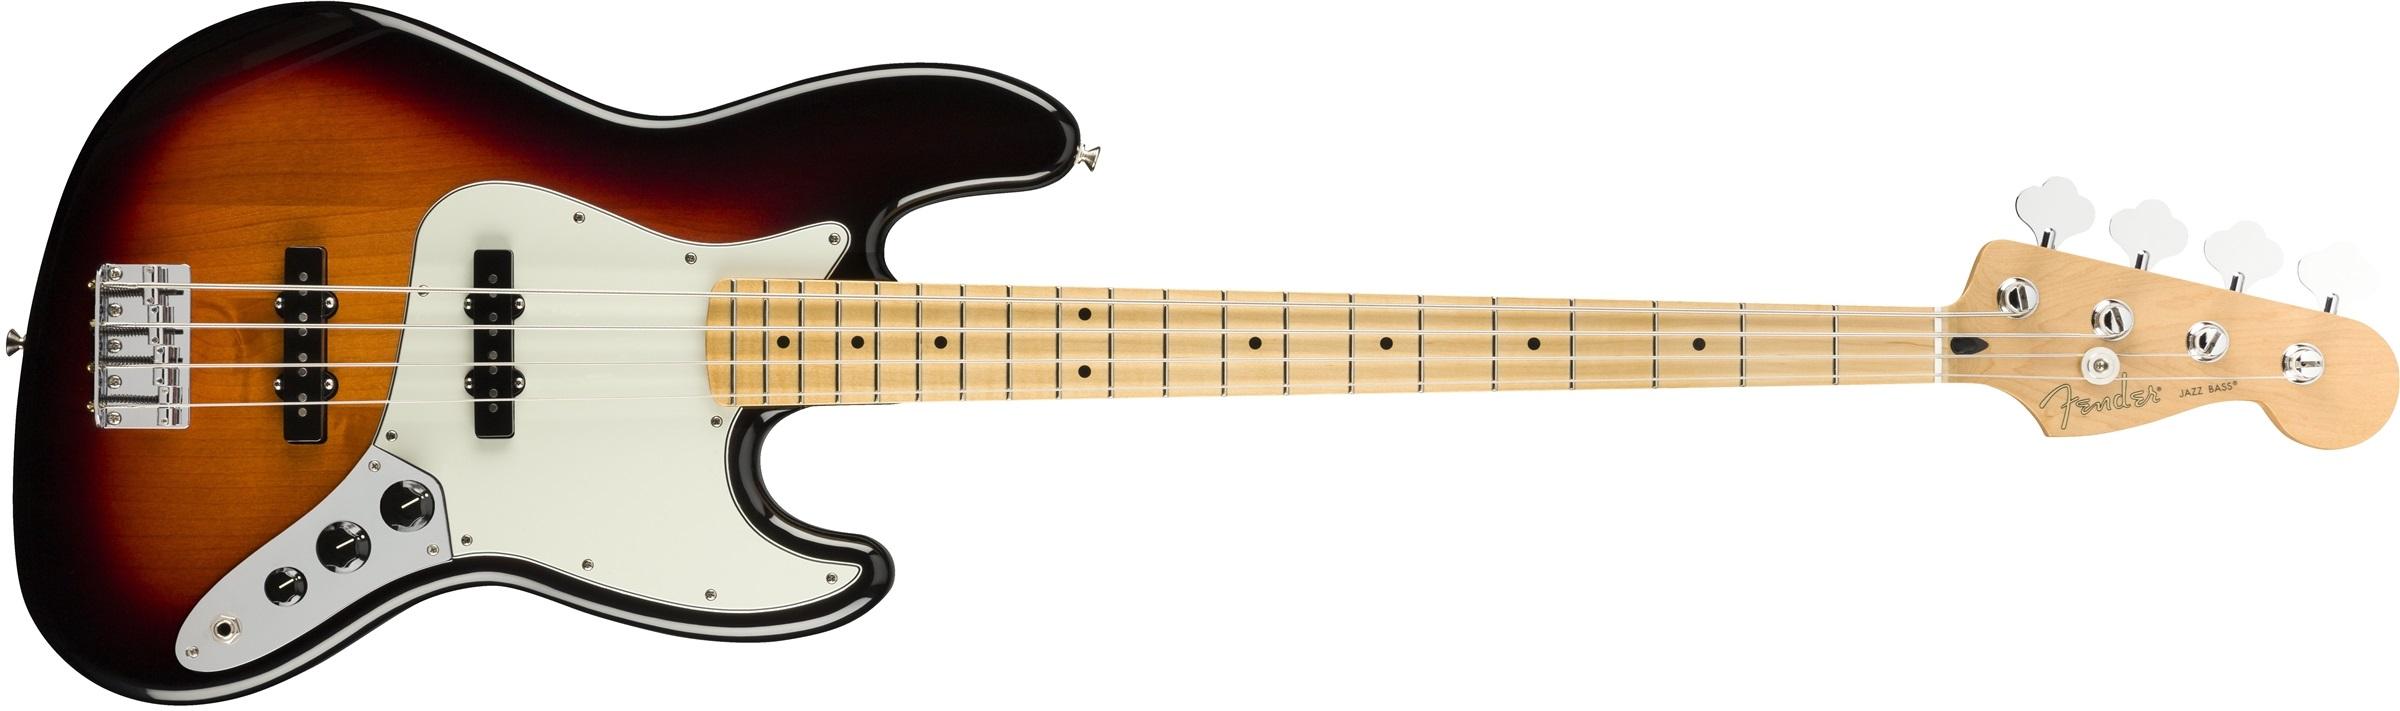 Fender PLAYER JAZZ BASS MN 3TS